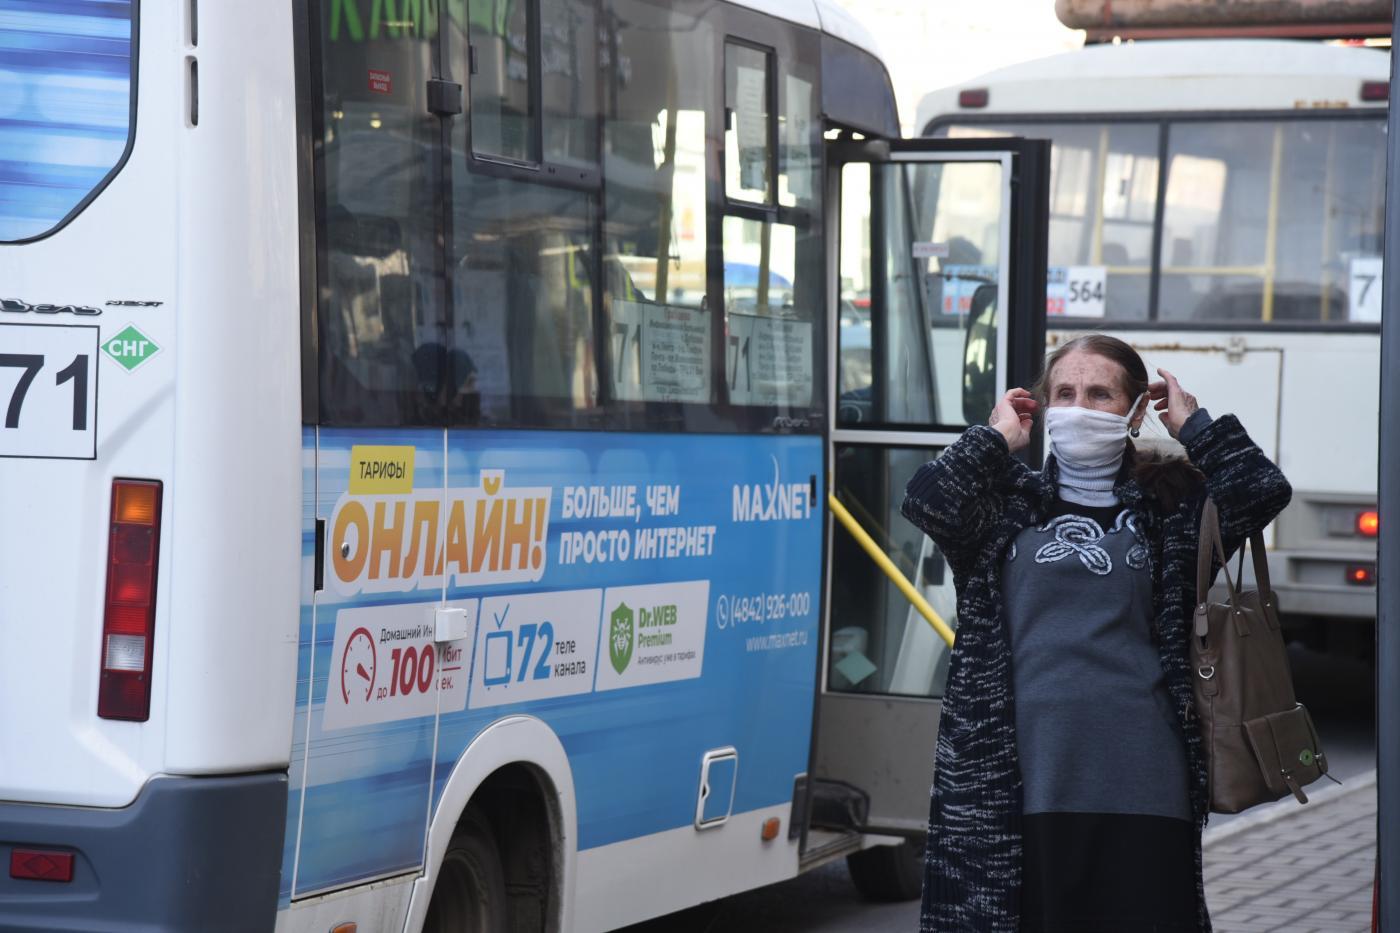 Коронавирус в Калуге: сколько заболевших, новости